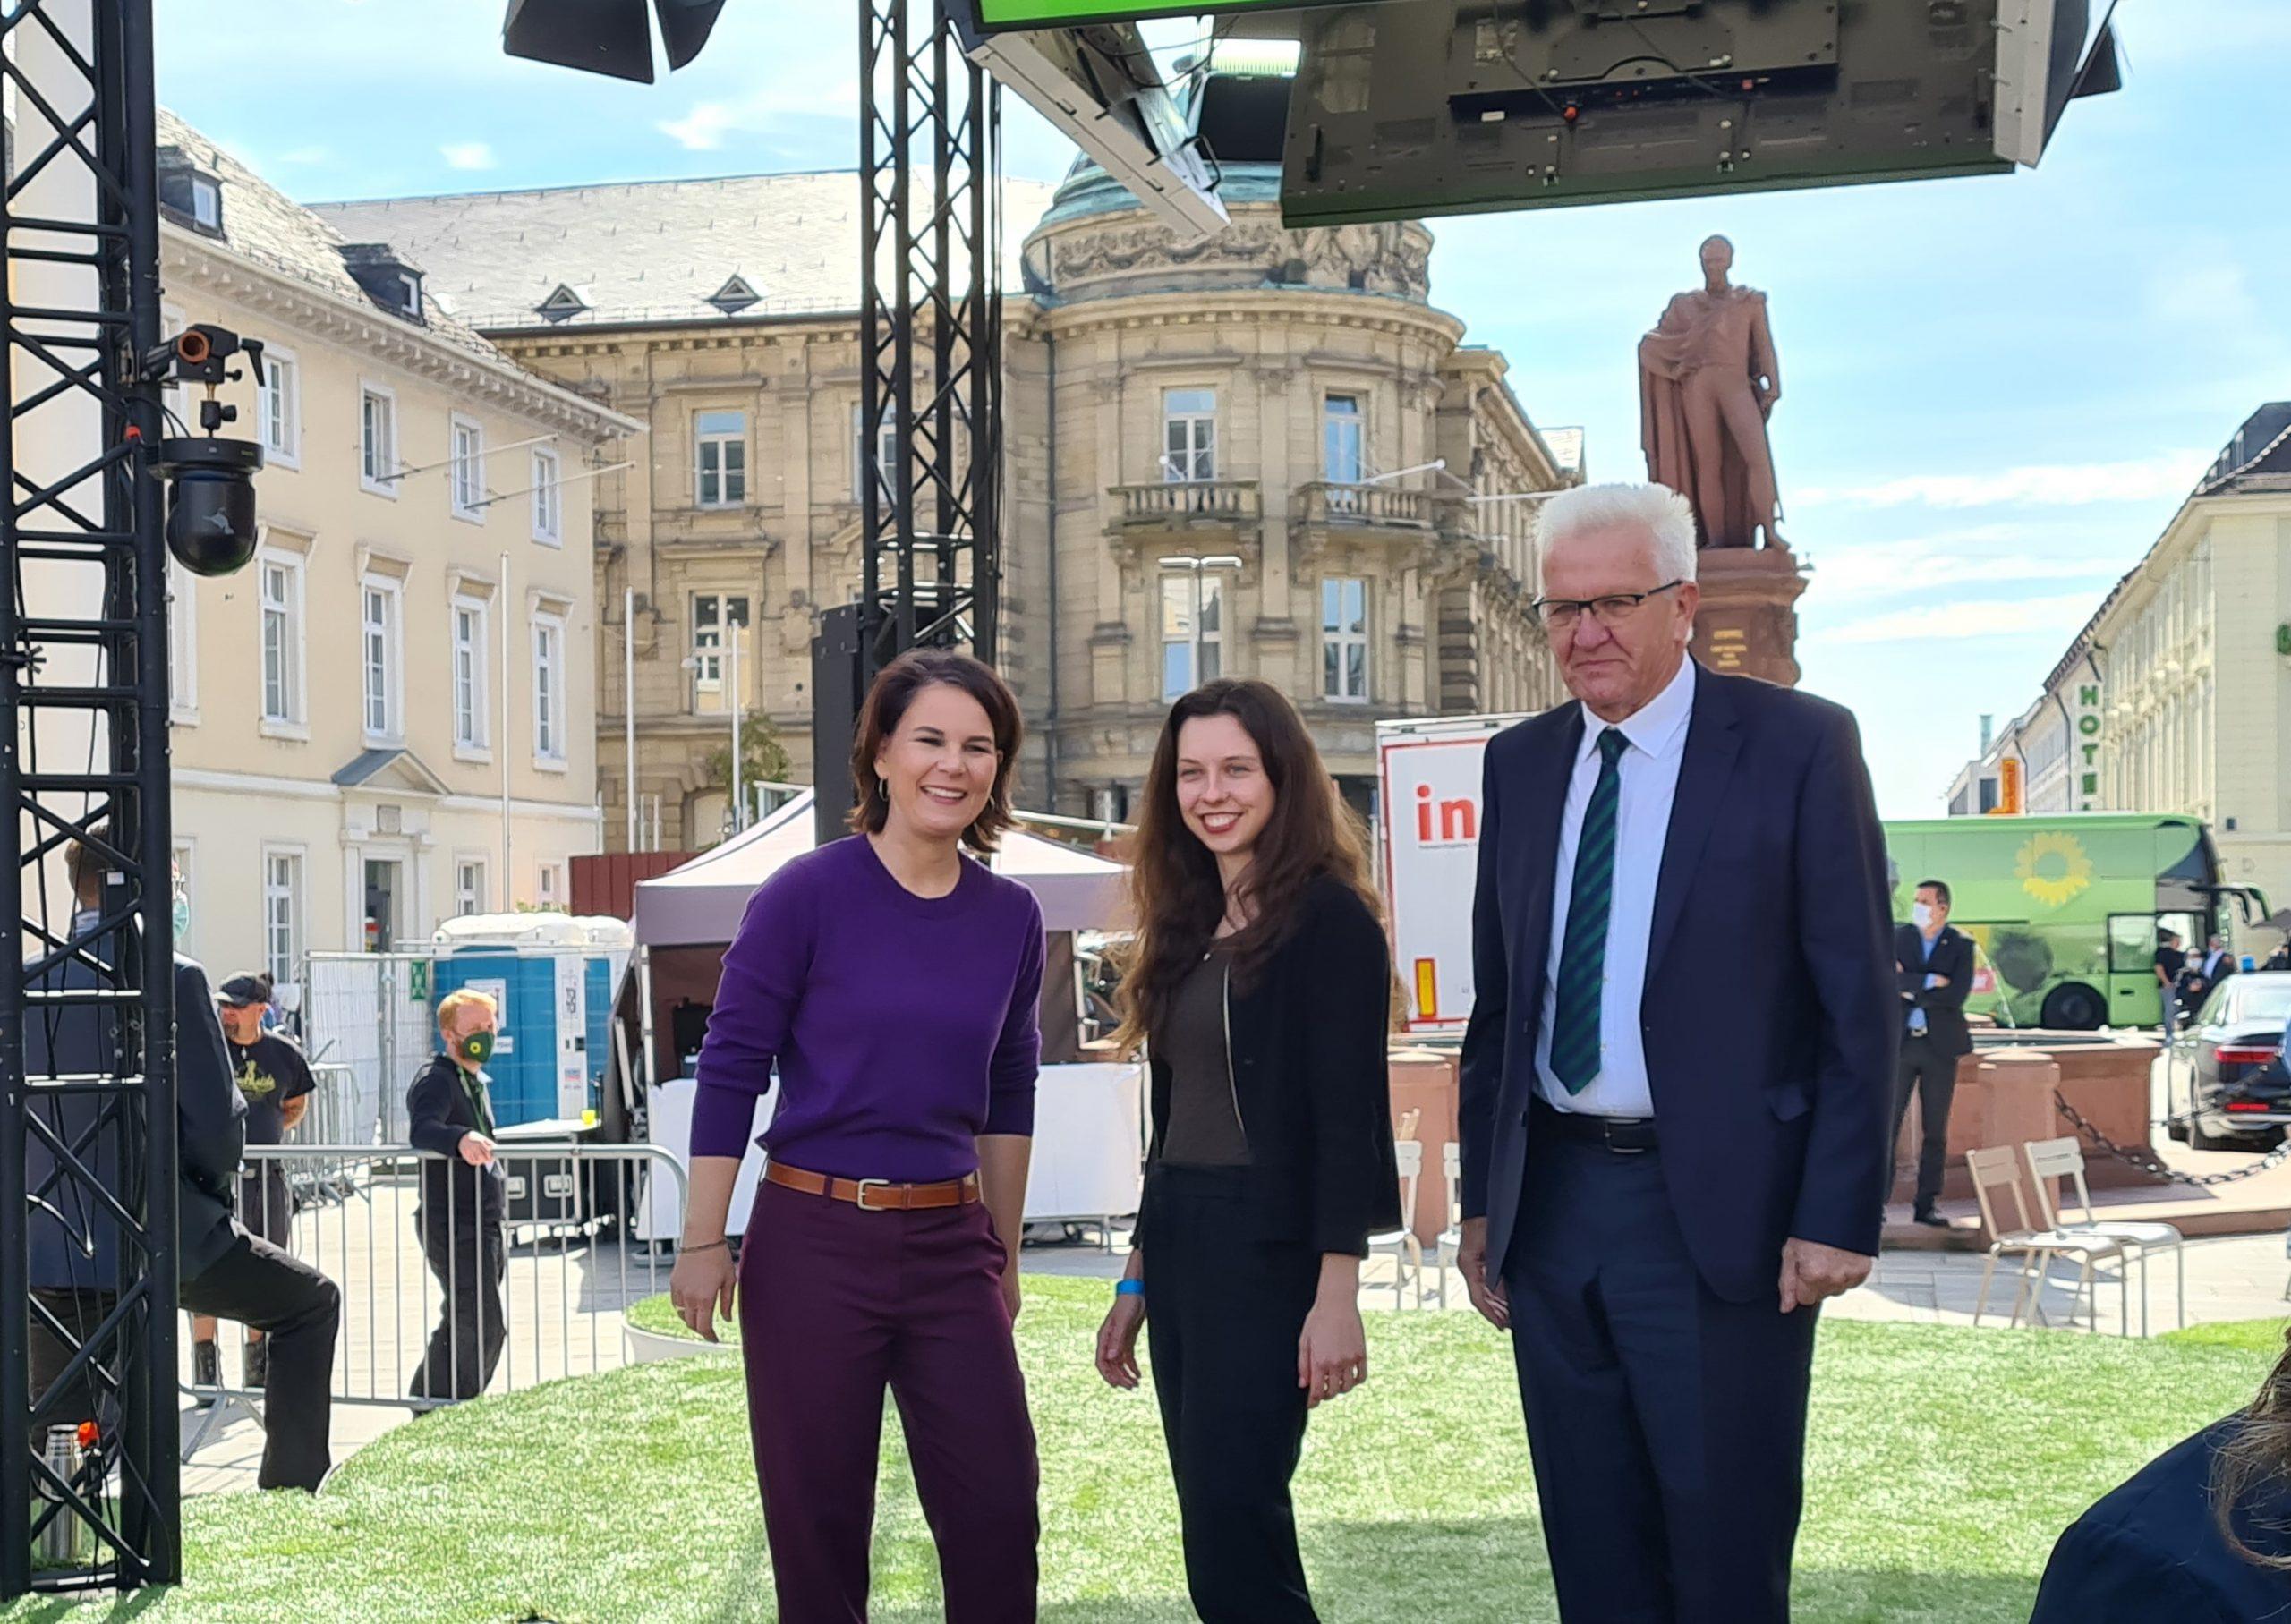 Annalena, Zoe und Winfried in Karlsruhe